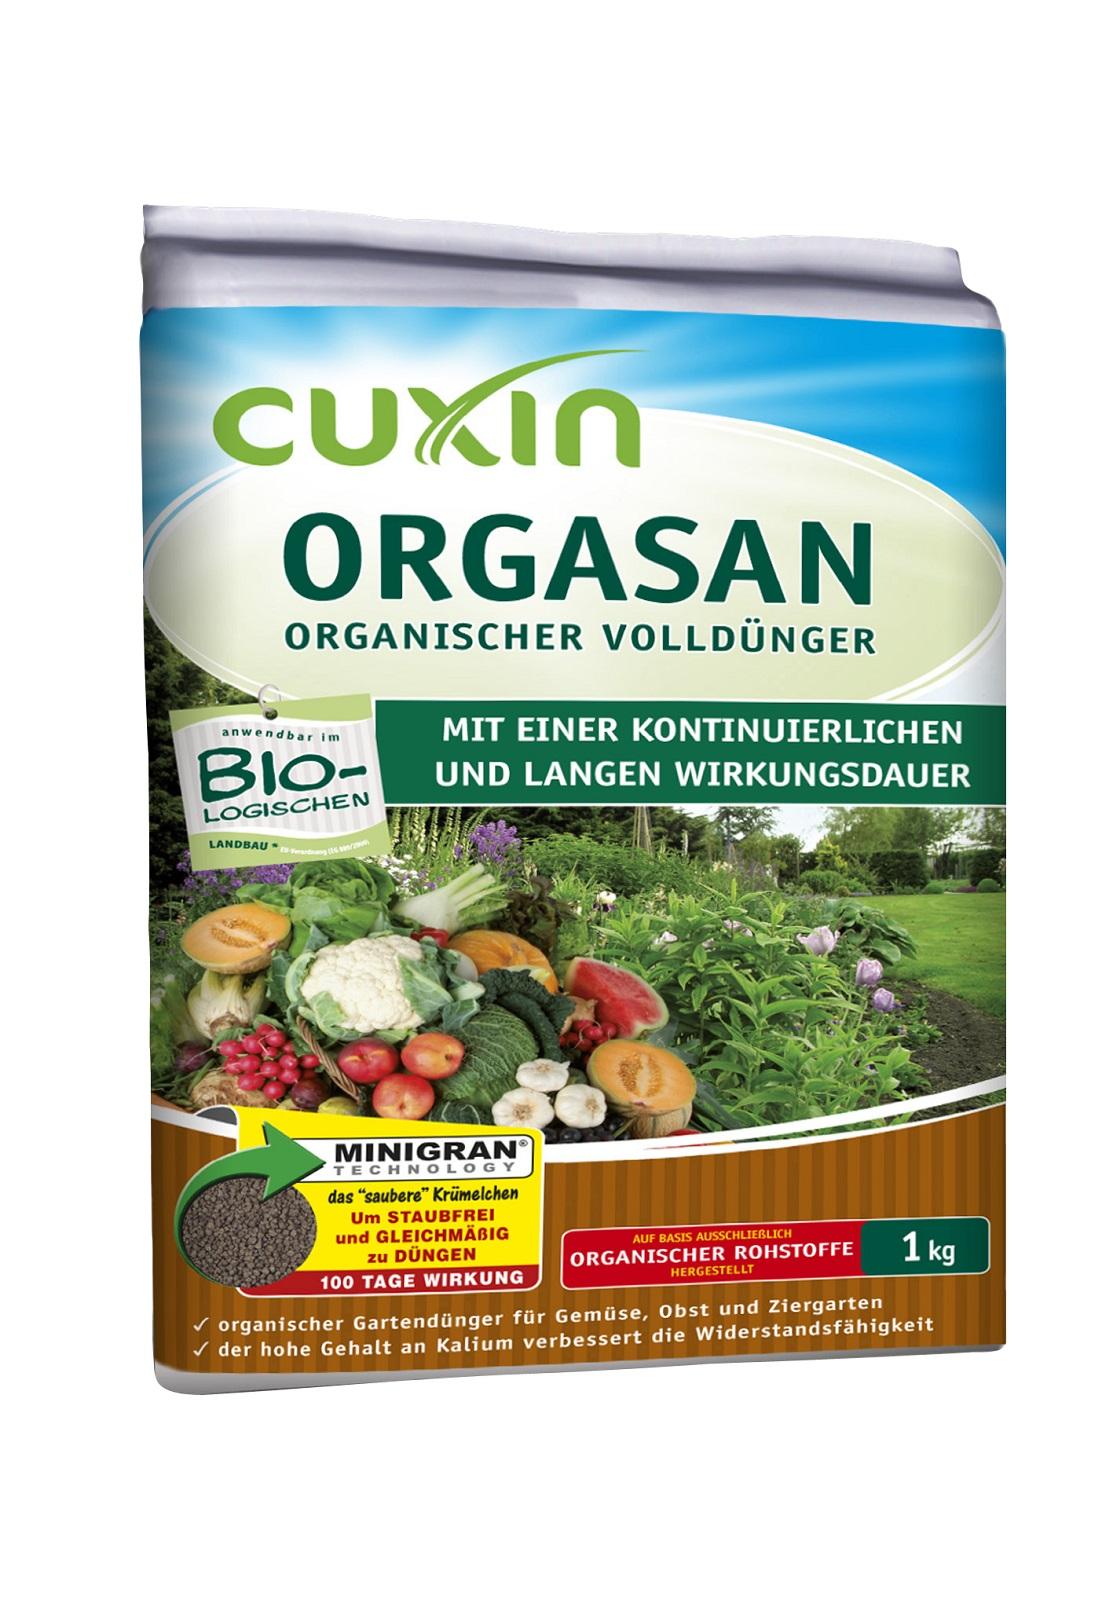 Cuxin Orgasan 1 kg organischer Volldünger Dünger Obst Gemüse